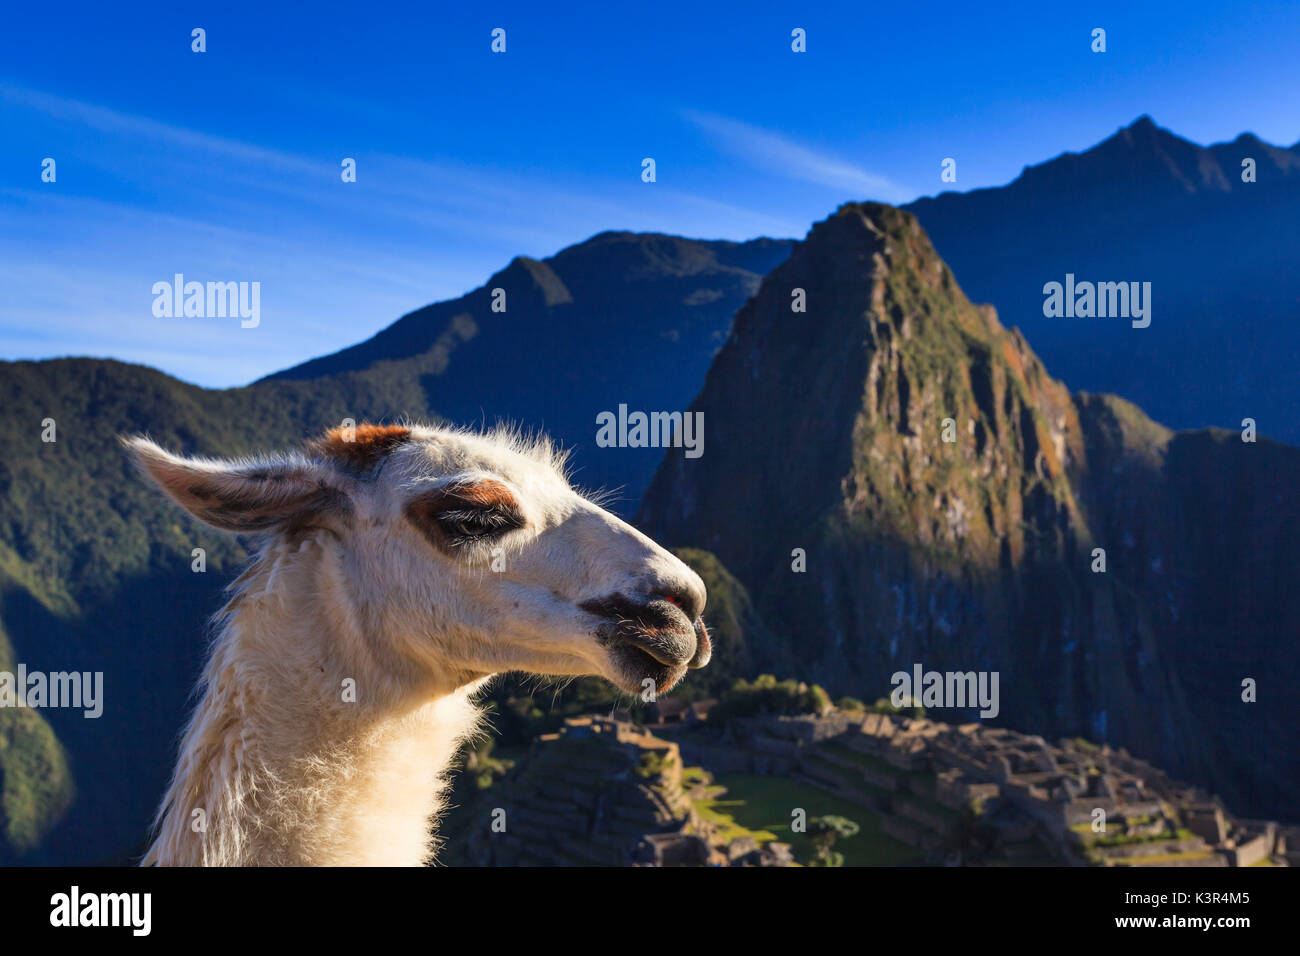 Lama an die berühmte archäologische Stätte von Machu Picchu in der Region Cusco, Urubamba Provinz, Stockbild